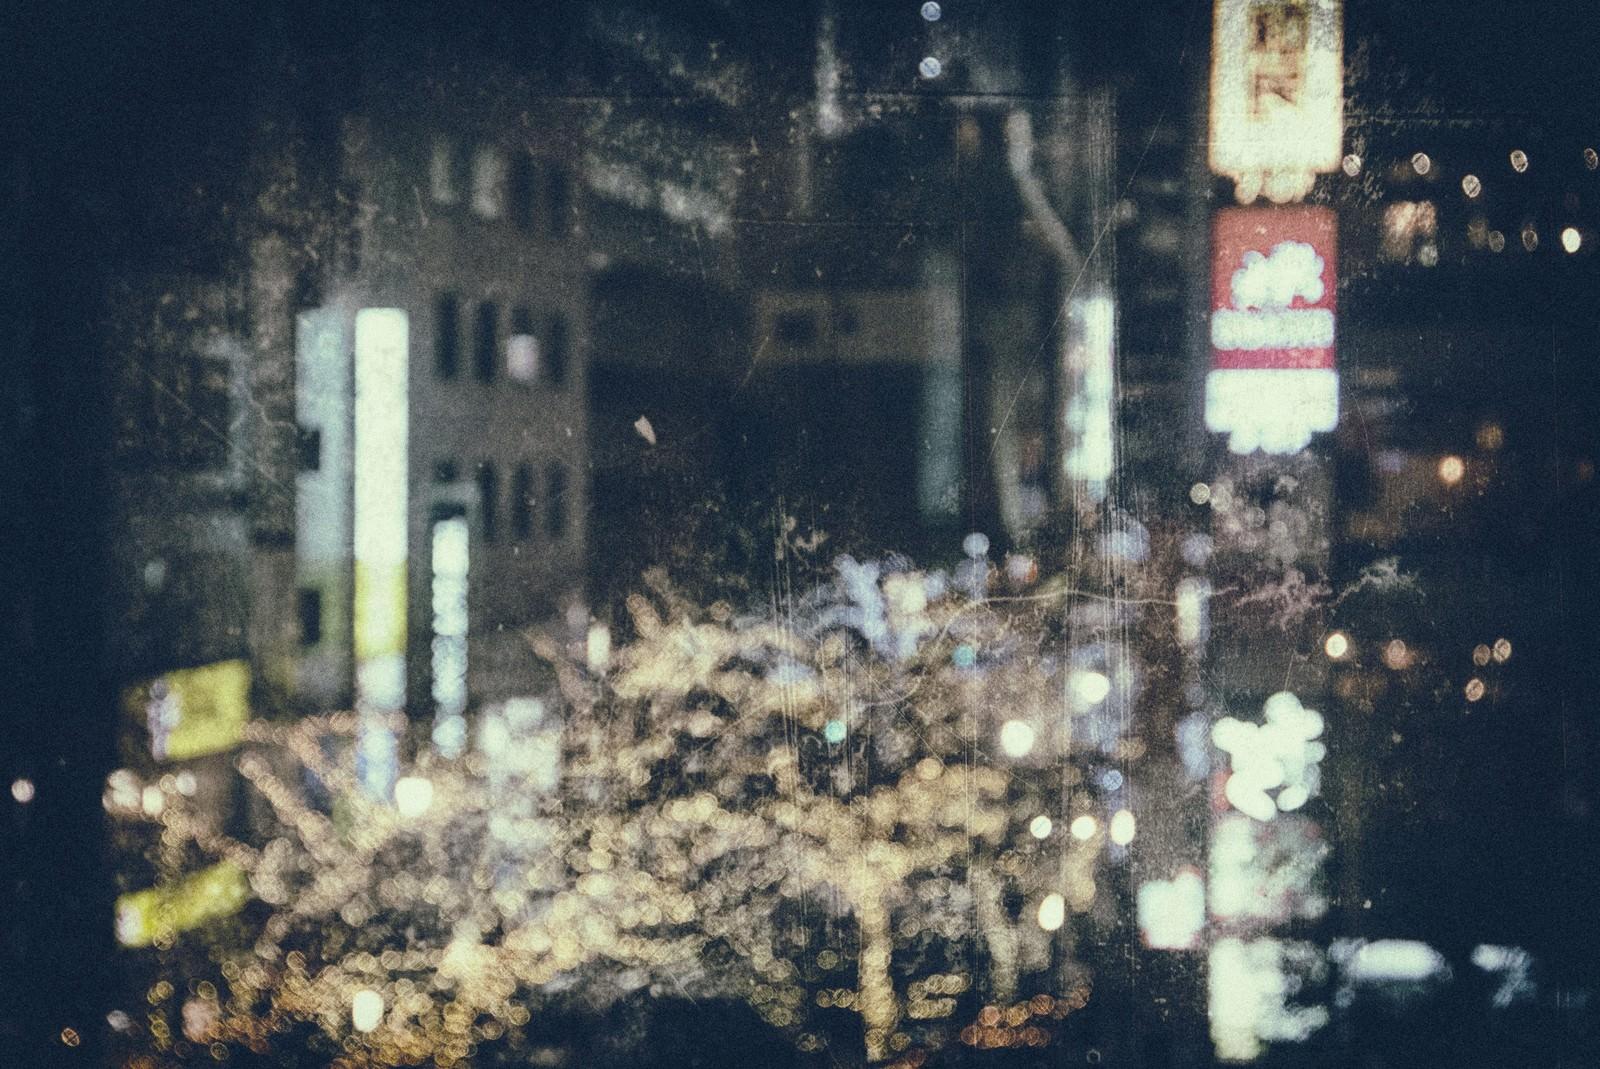 「ライトアップされた繁華街(フィルム)ライトアップされた繁華街(フィルム)」のフリー写真素材を拡大